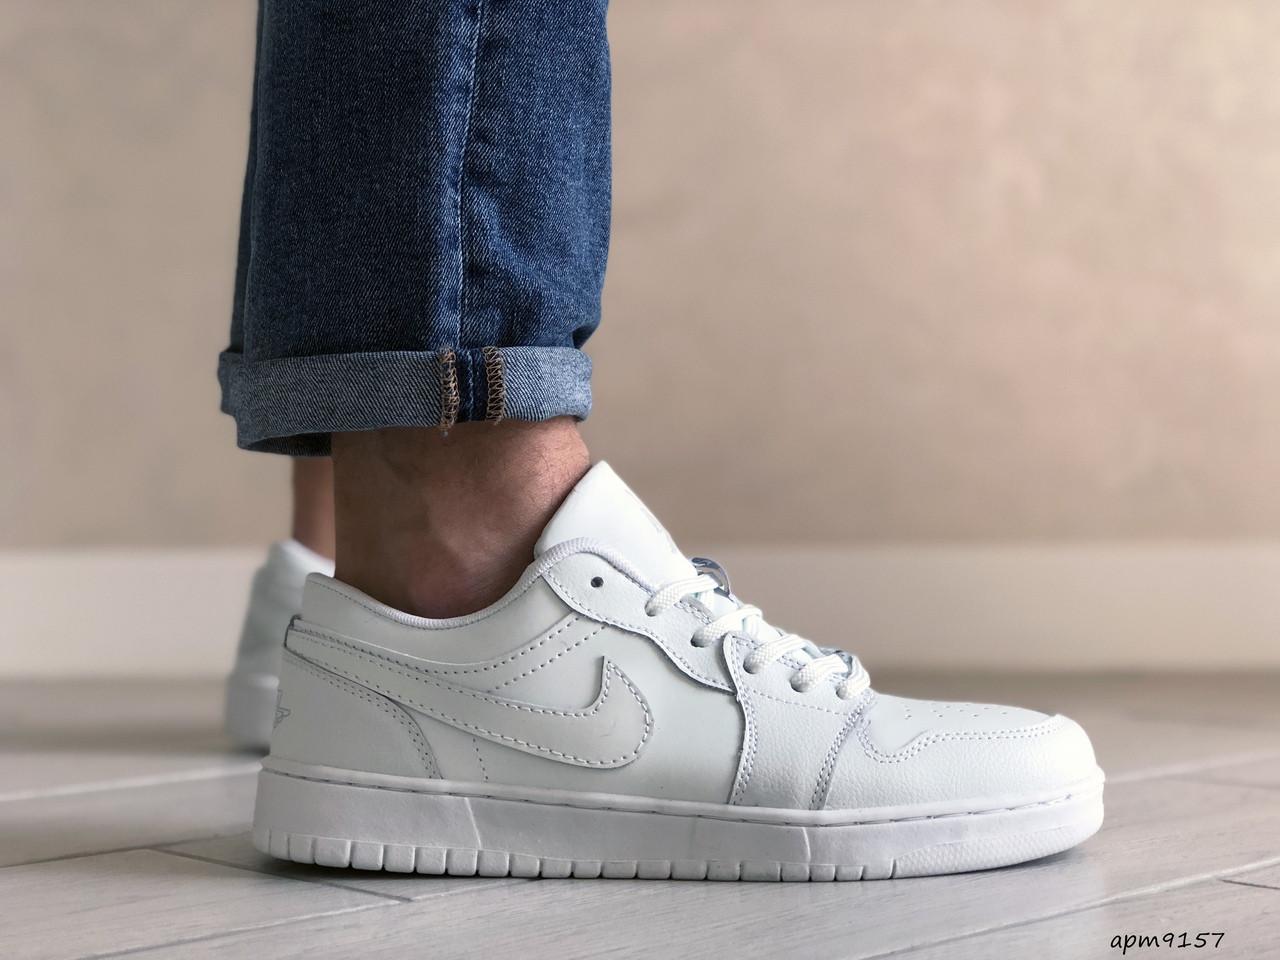 Чоловічі шкіряні кросівки Nike Air Jordan 1 Low (білі) 9157